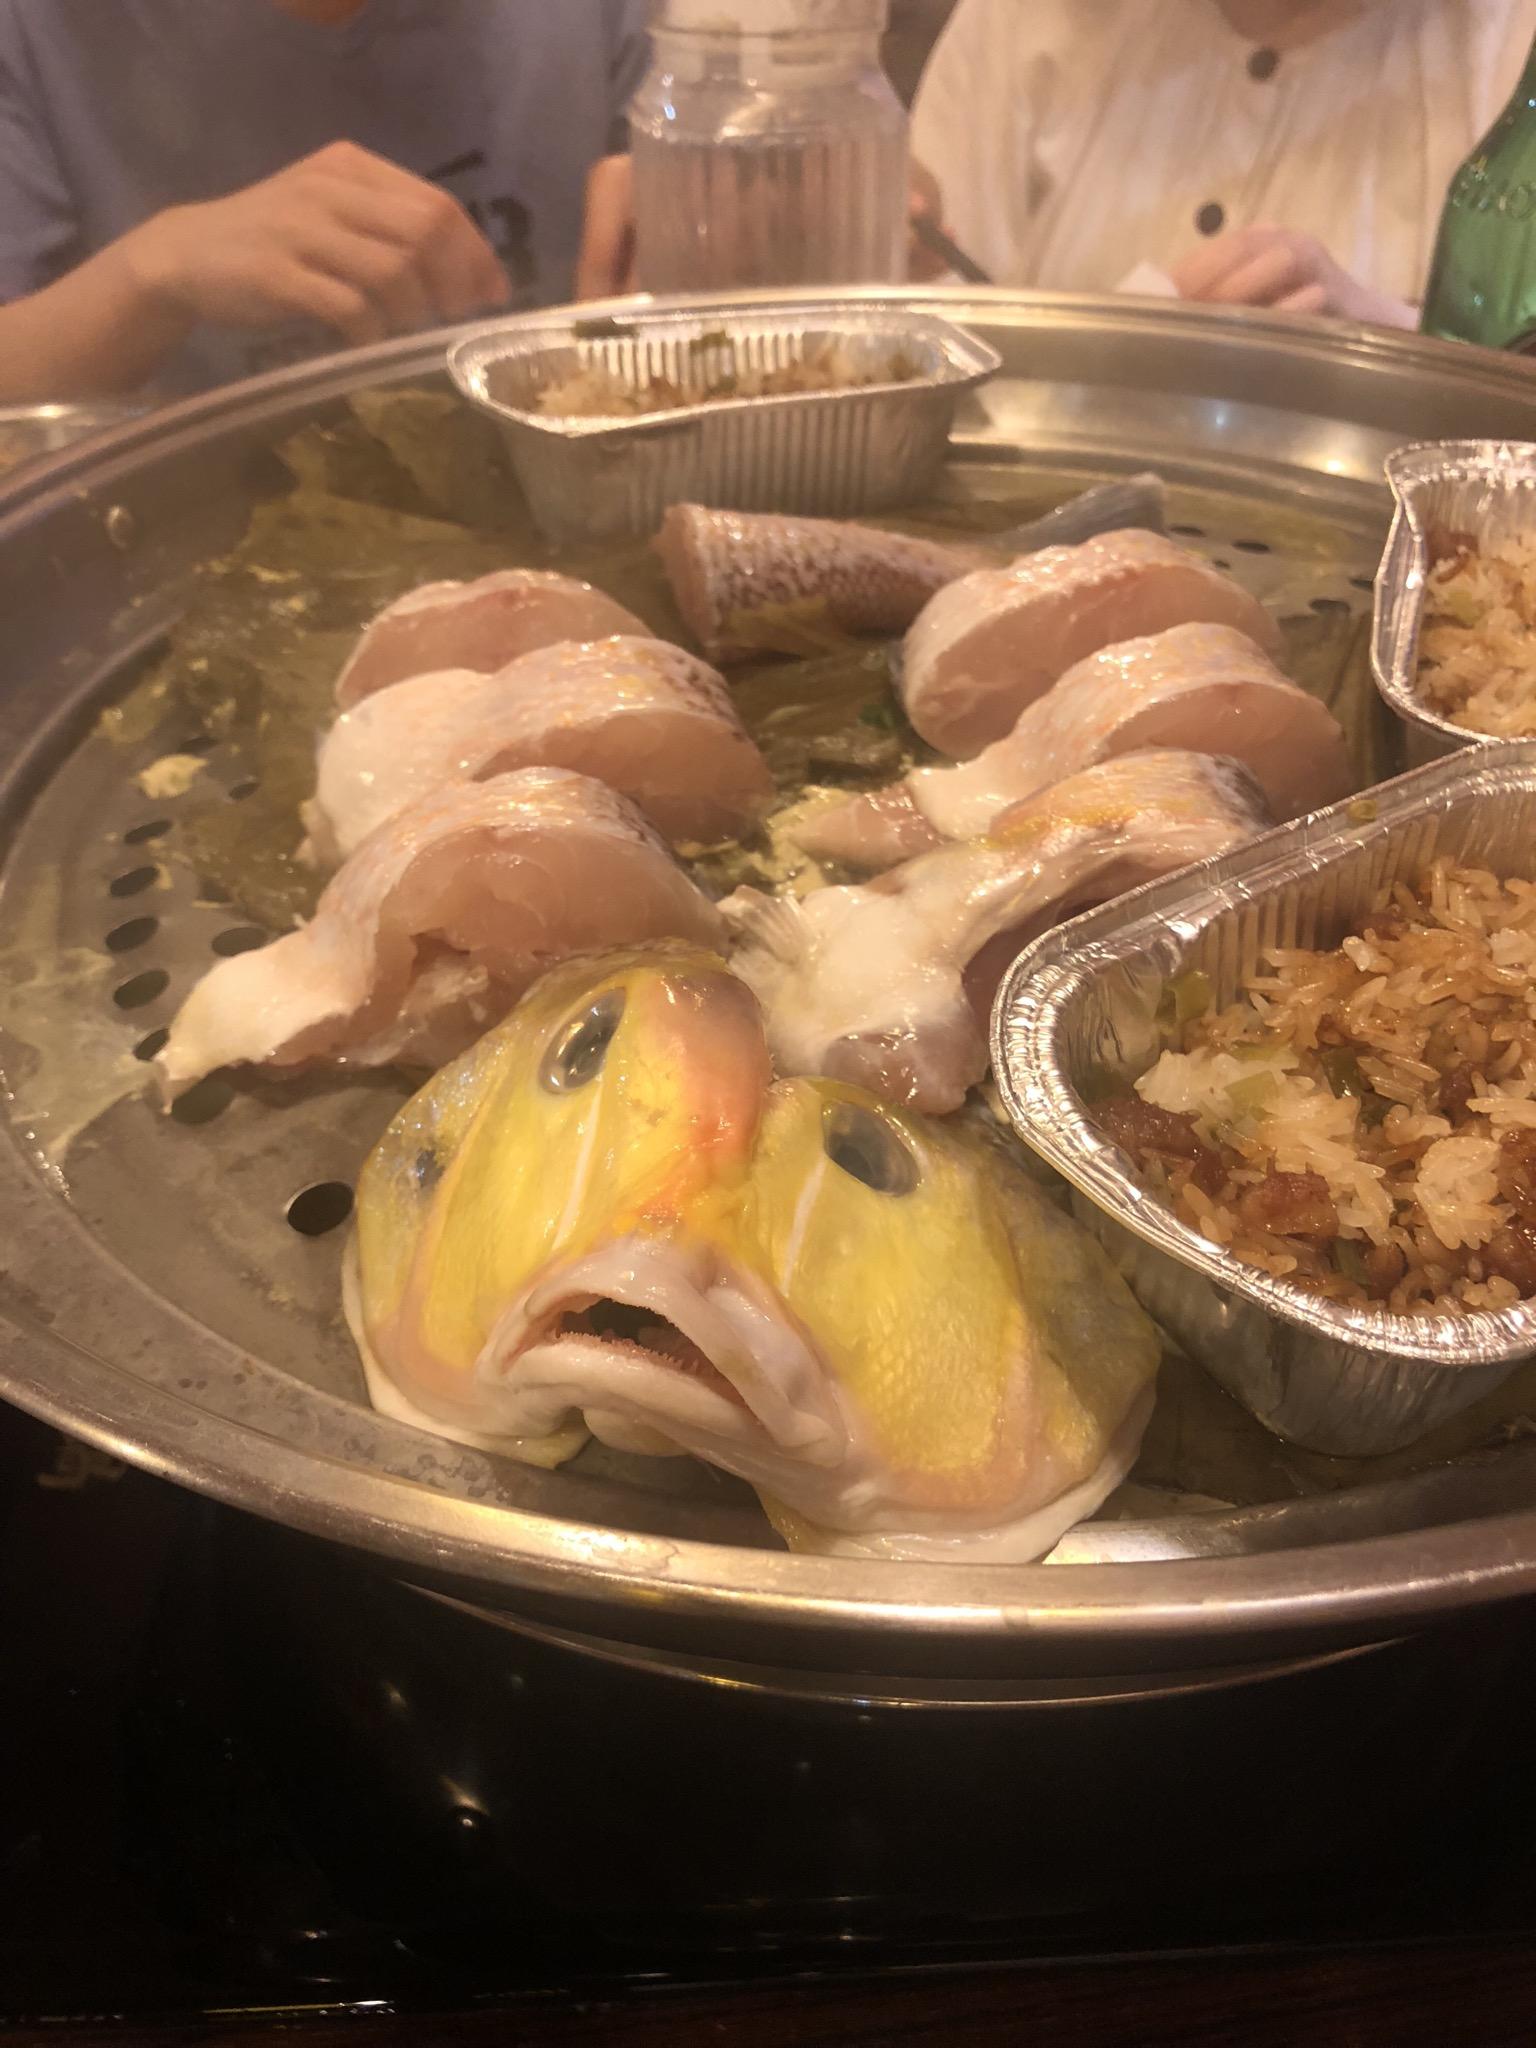 香港で激ウマの海鮮蒸し鍋料理店!!#皇朝 #kingsdynasty